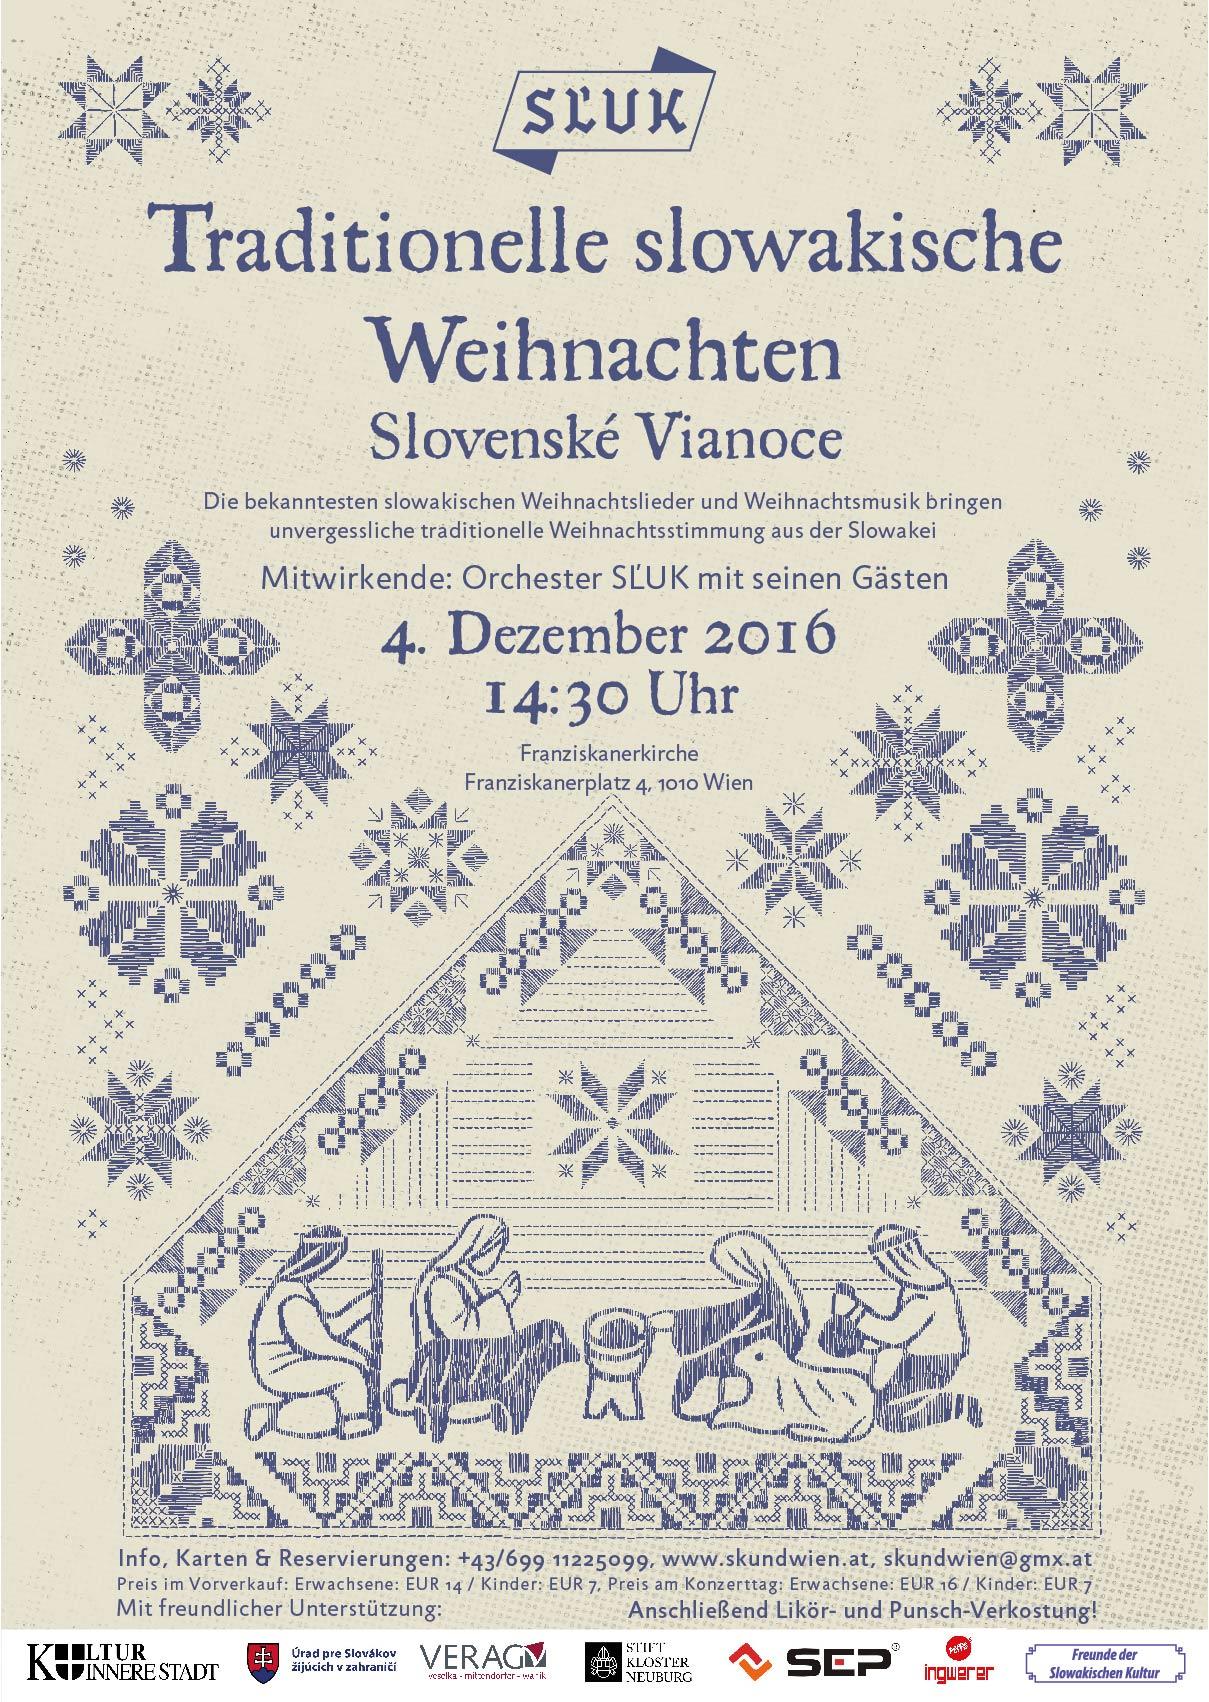 Traditionelle Weihnachtslieder.Traditionelle Slowakische Weihnachten 2016 Slovenské Vianoce